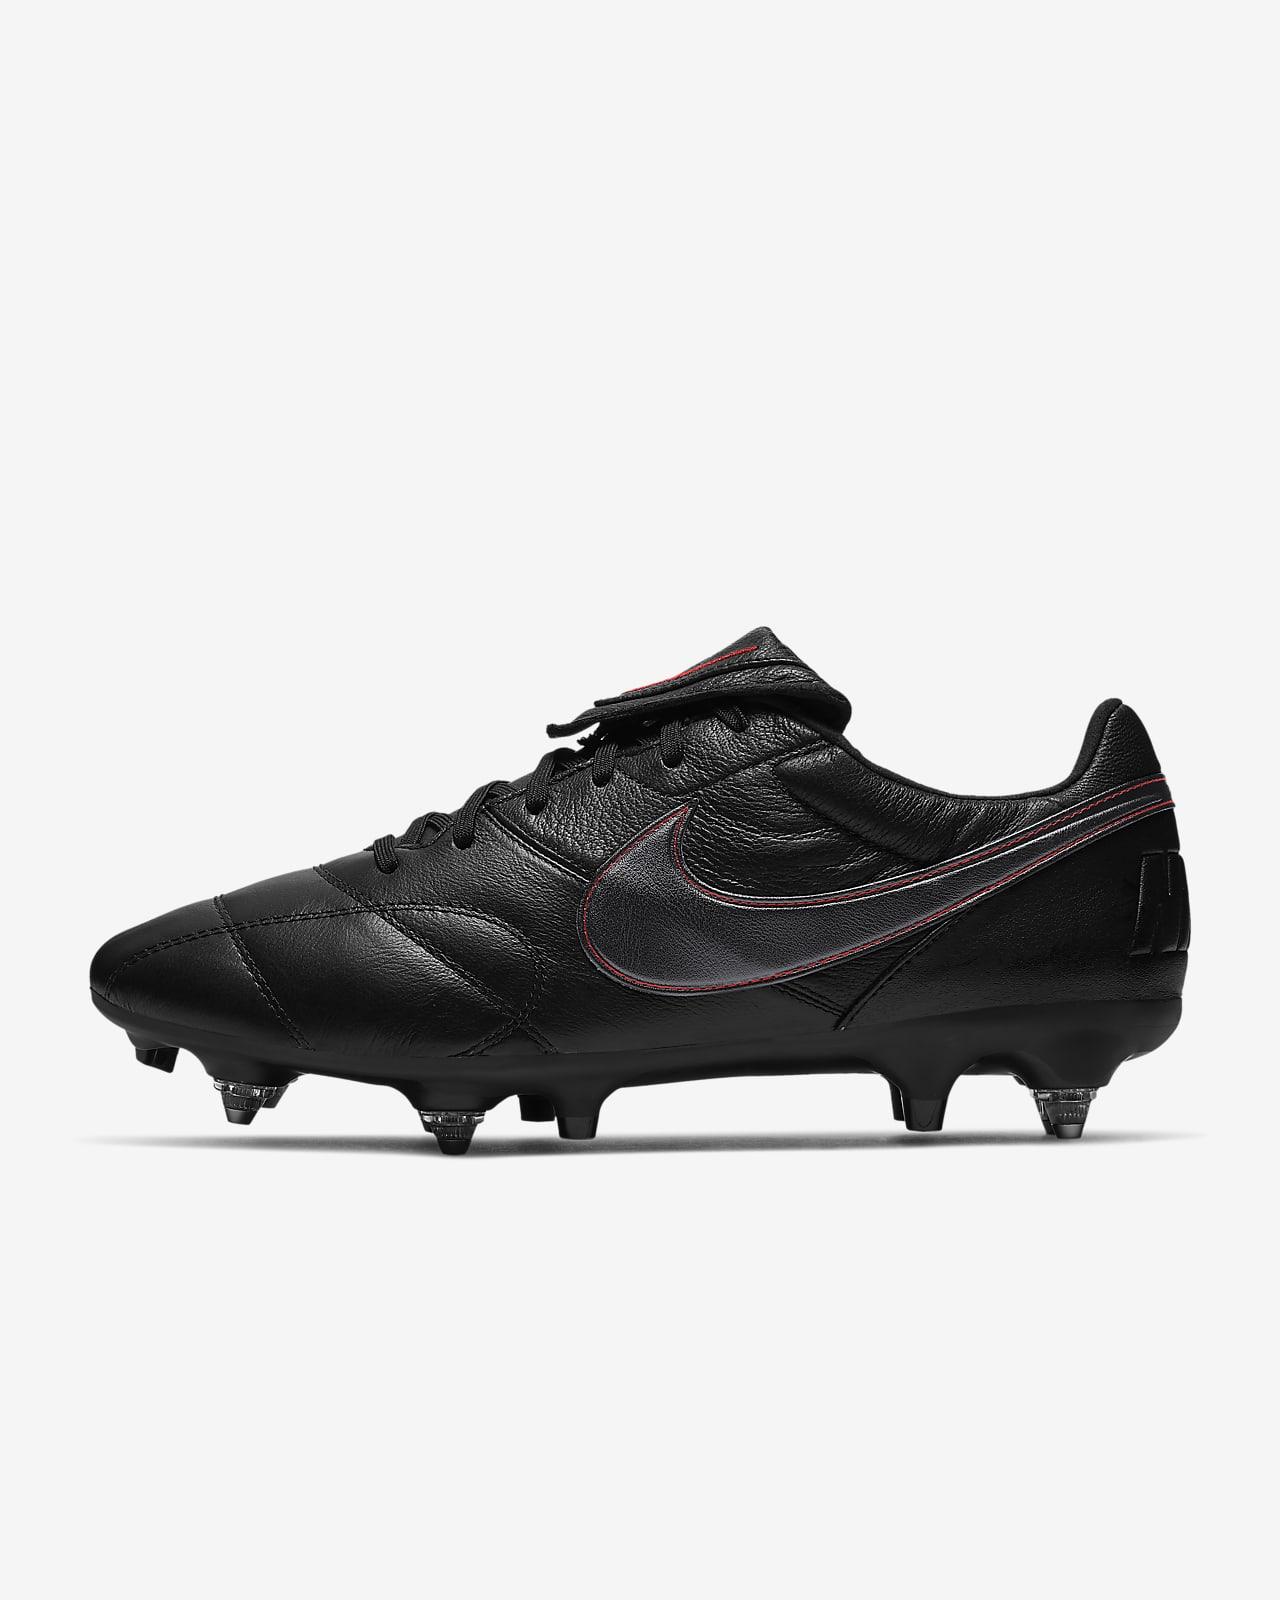 Fotbollssko för vått gräs Nike Premier 2 SG-Pro AC